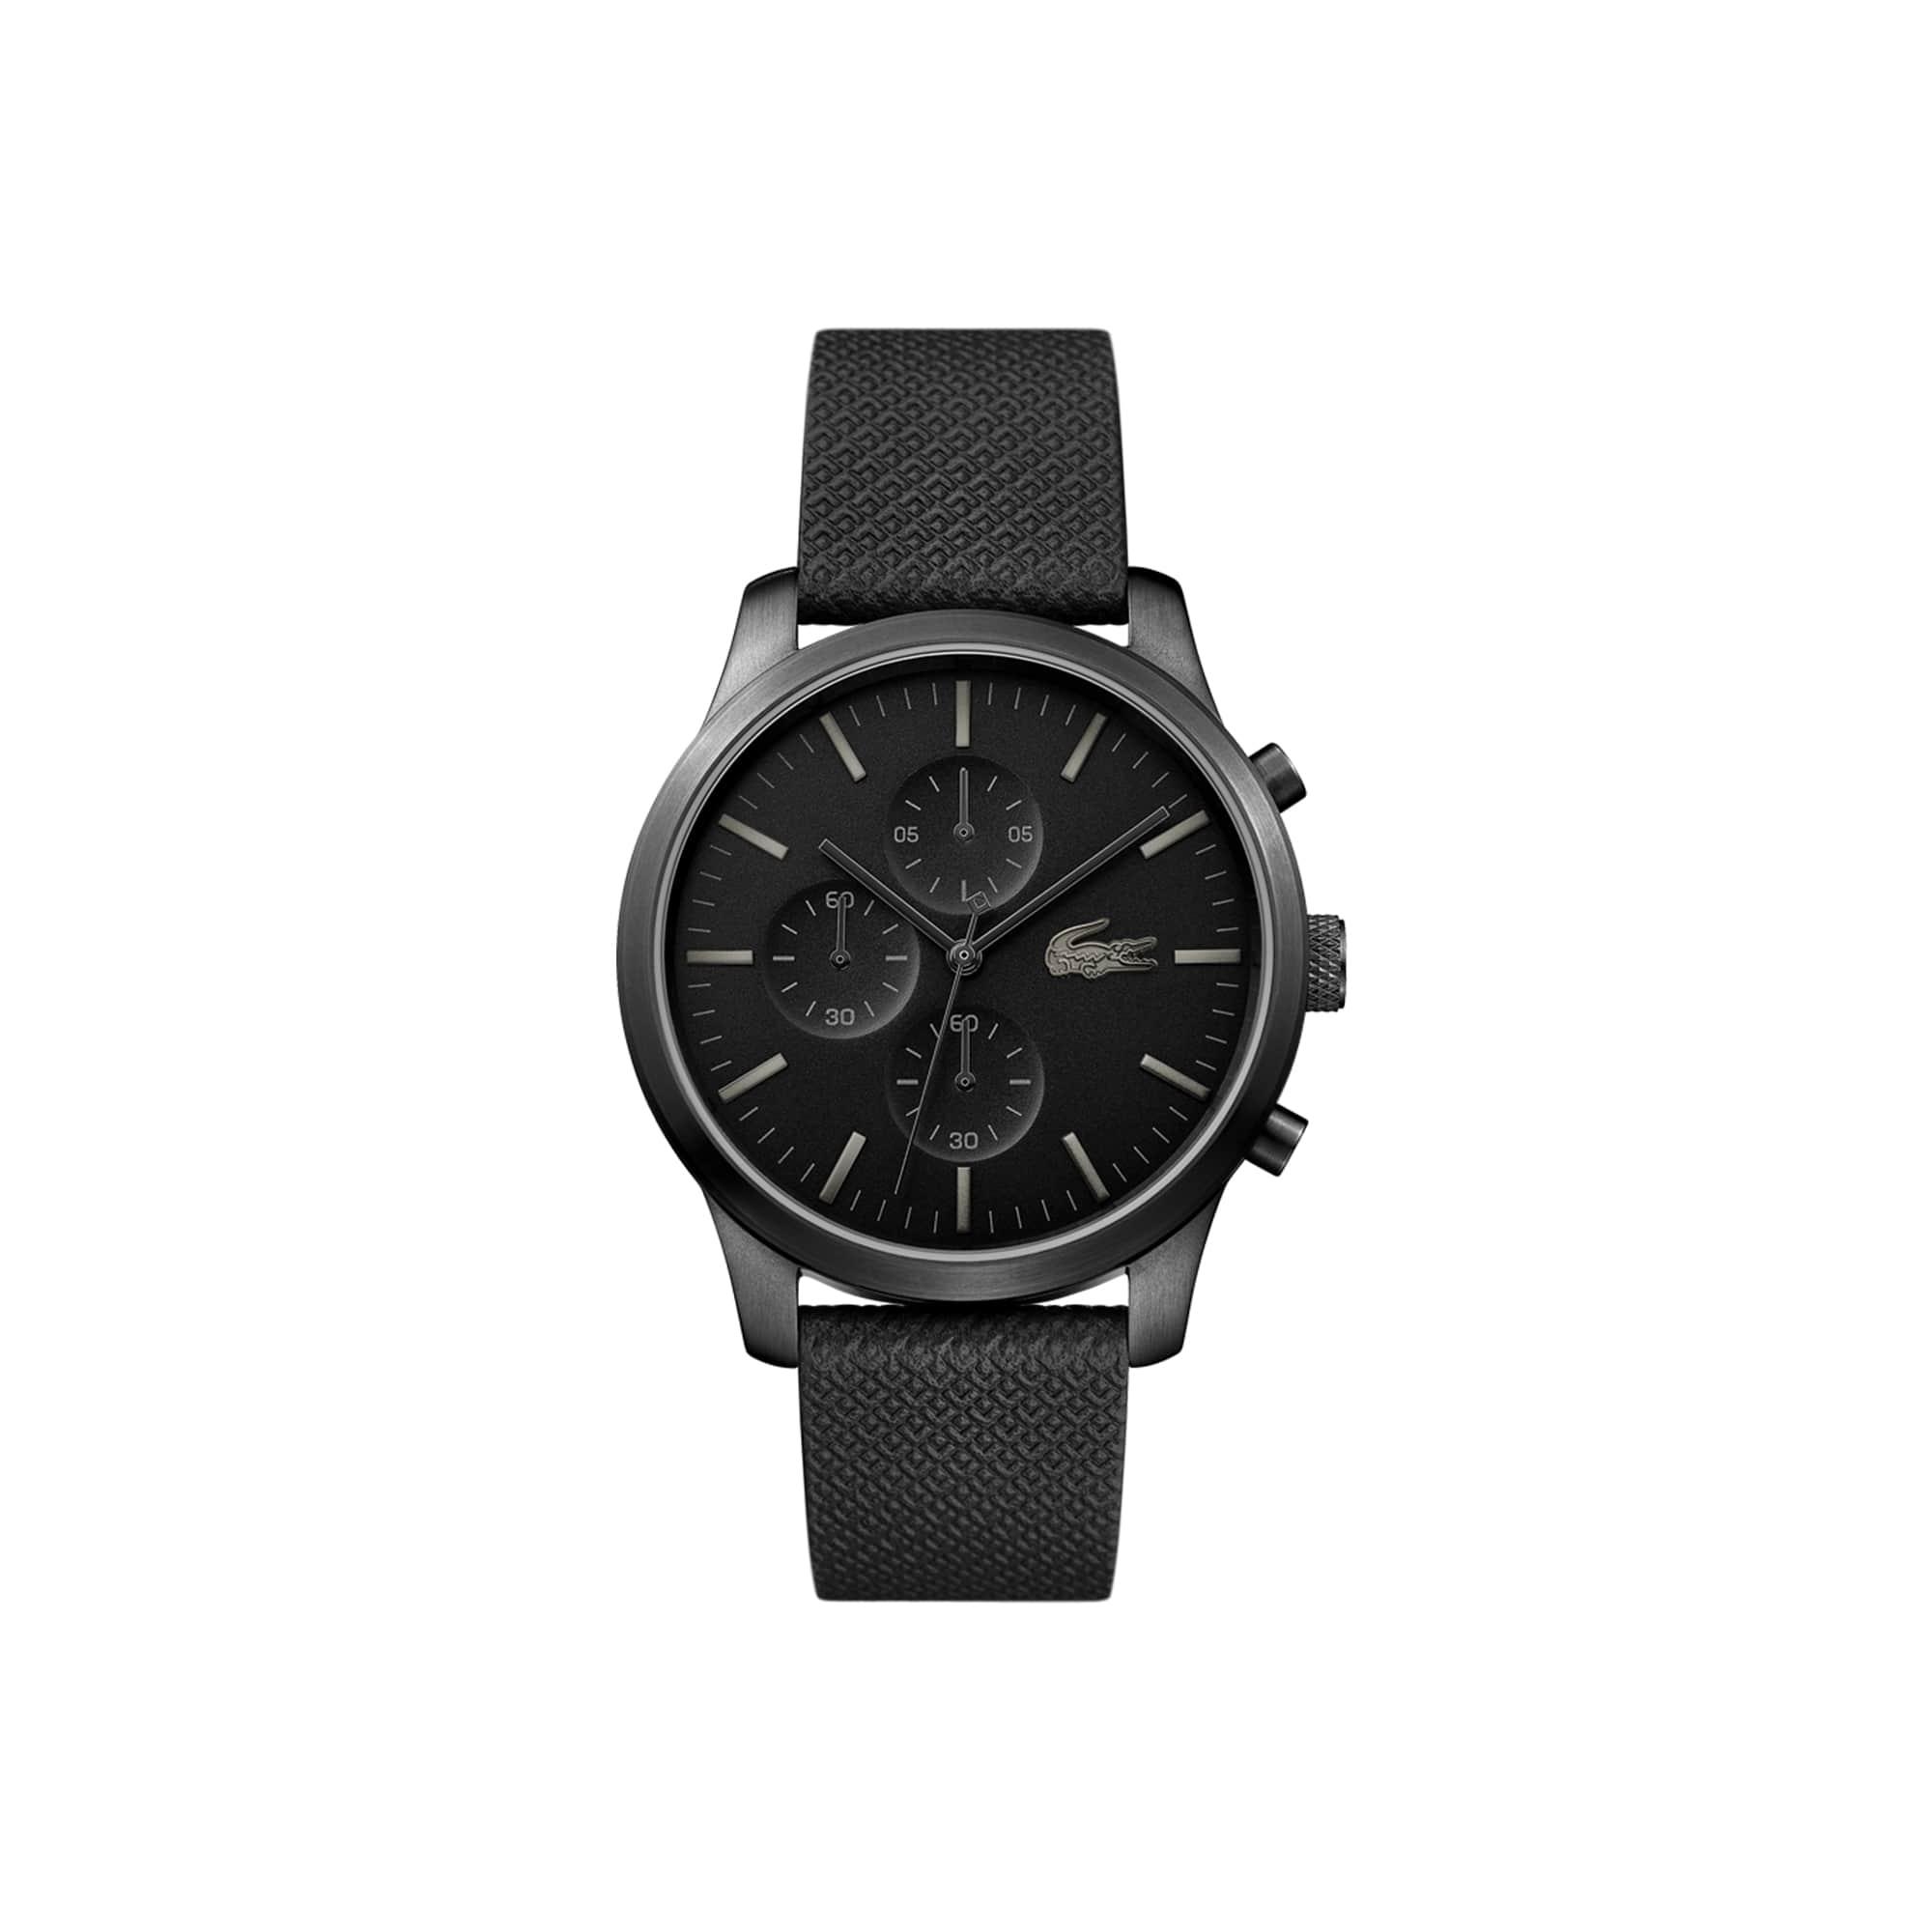 Relógio Lacoste 12.12 de homem do 85.º aniversário com uma bracelete de pele gravada com Petit Piqué em preto